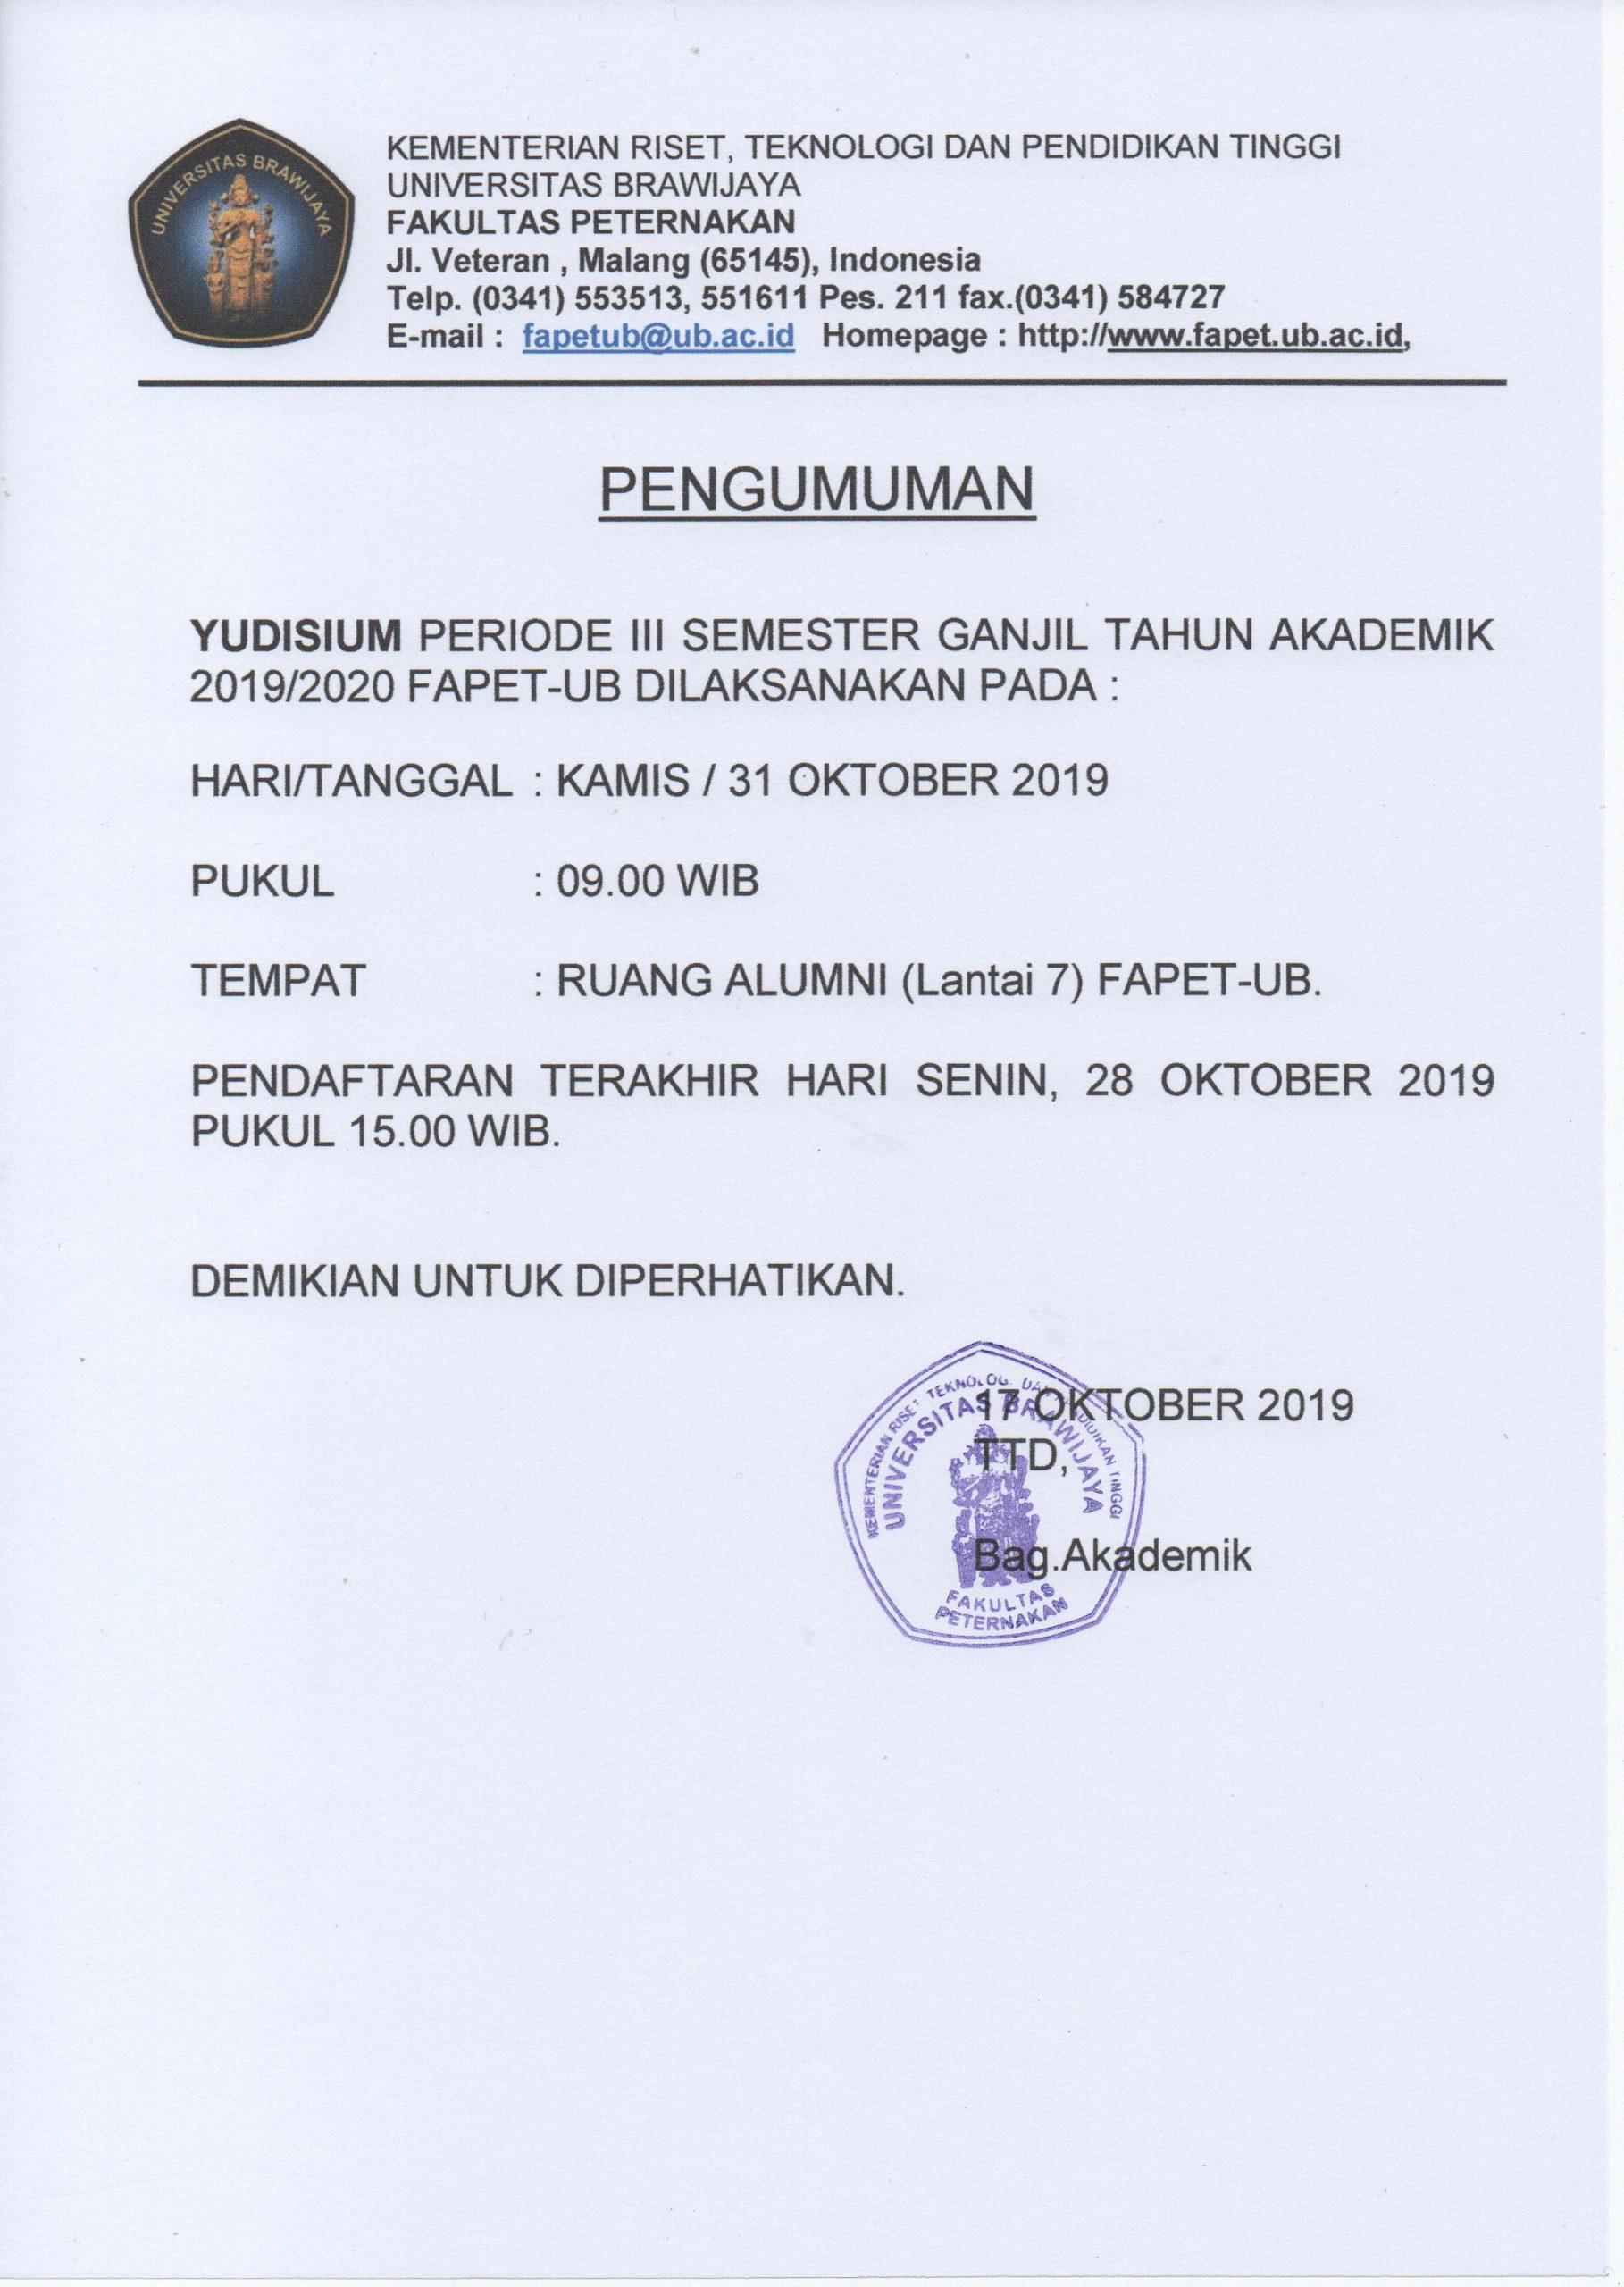 Pengumuman Pendaftaran Yudisium Periode Oktober 2019